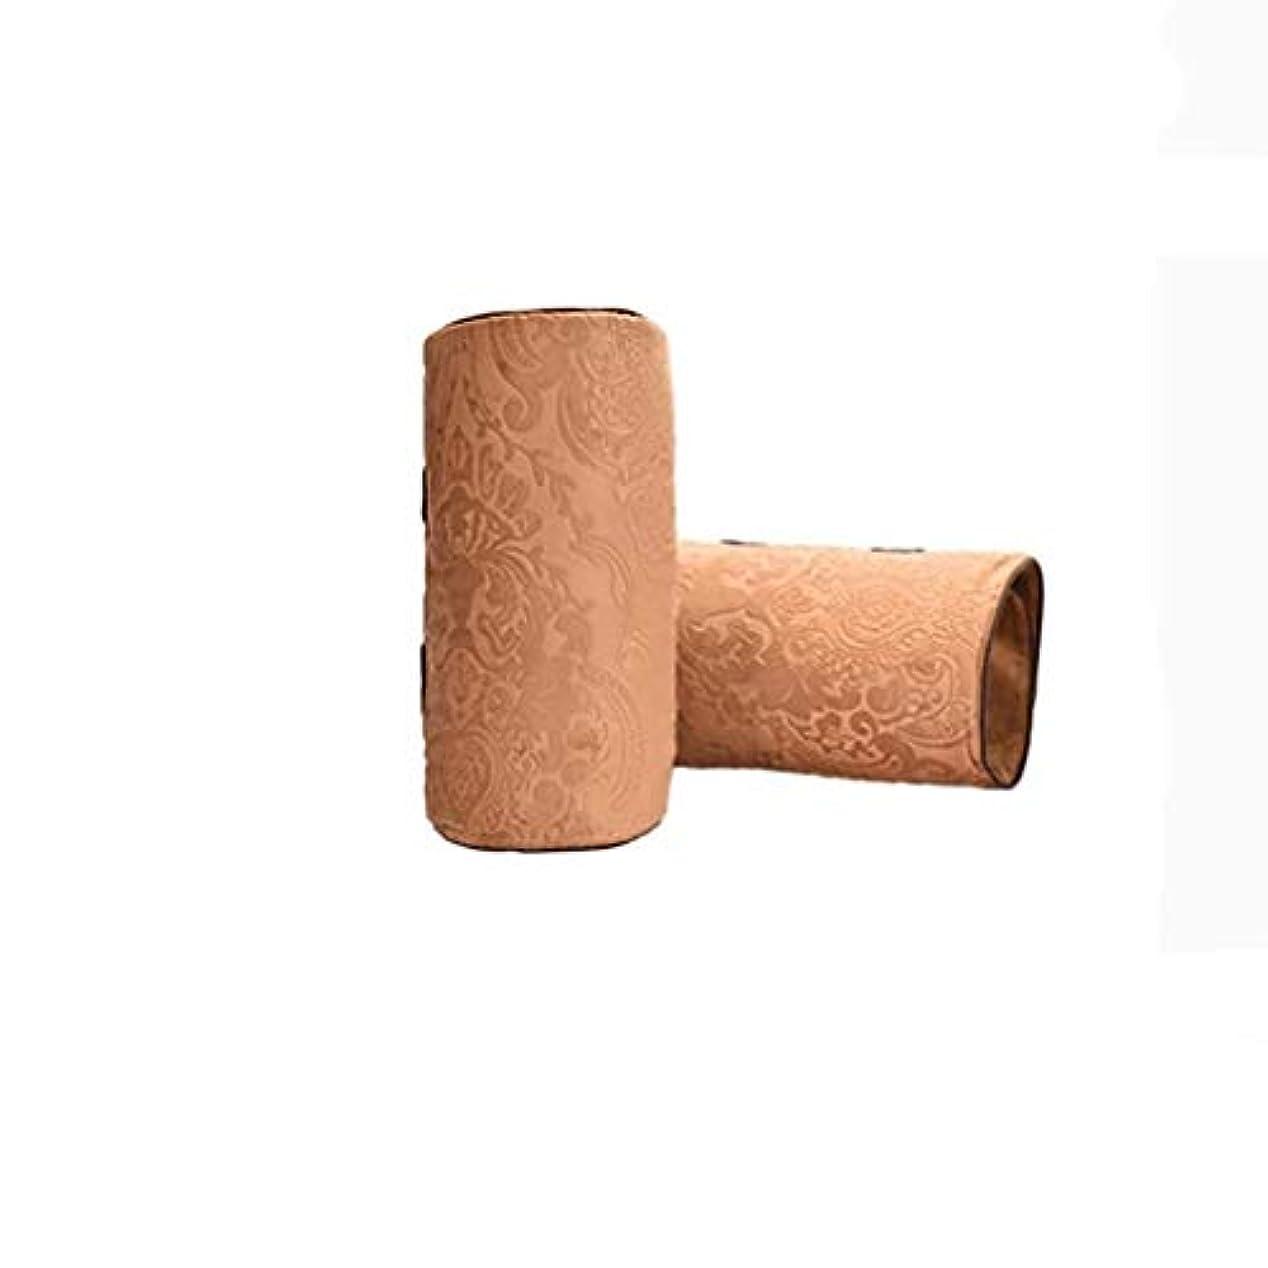 地下鉄責任者明示的に電気膝パッド、温かい寒い膝、温湿布M、半月板、脚の痛み、理学療法、関節の炎症を和らげる (Color : Brown)